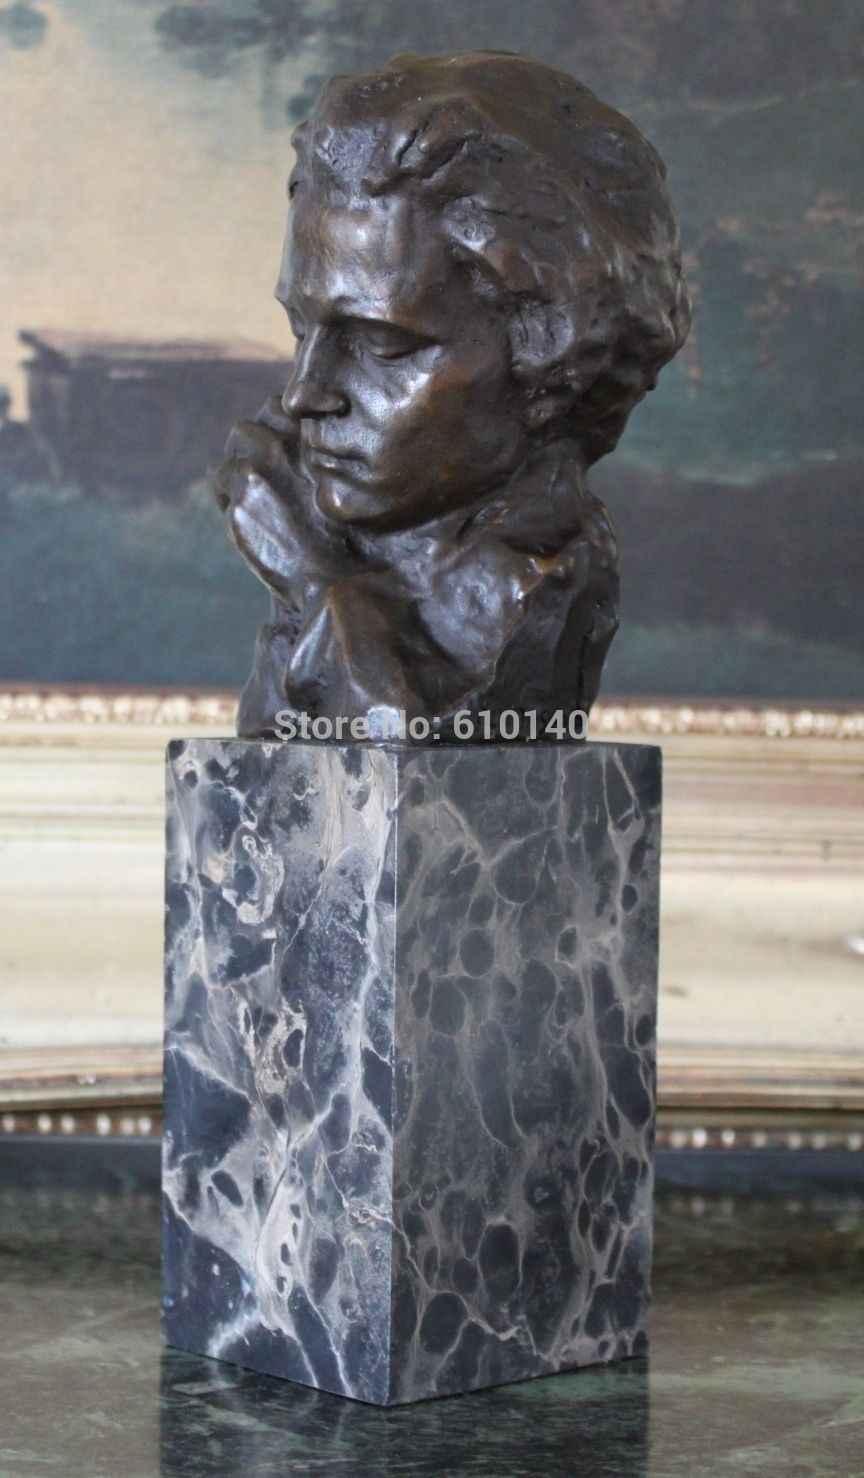 Professor de Piano Pianista Compositor Beethoven Música Músico Bronze Estátua de Mármore Arte